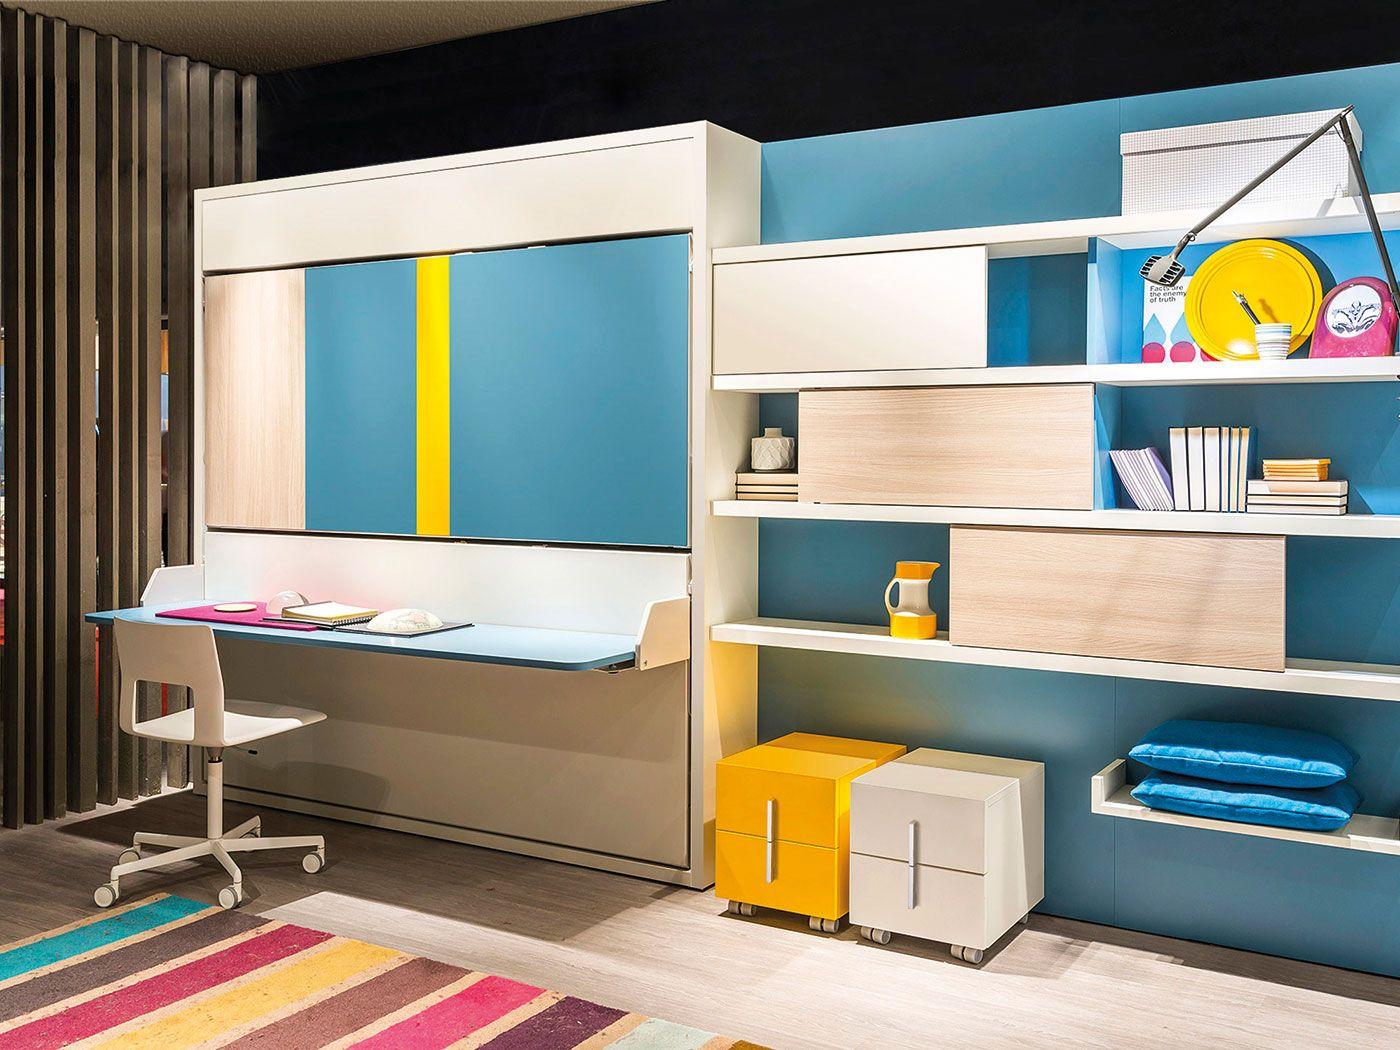 Guardaroba bambini ~ La camera per bambini salvaspazio composta da due letti verticali